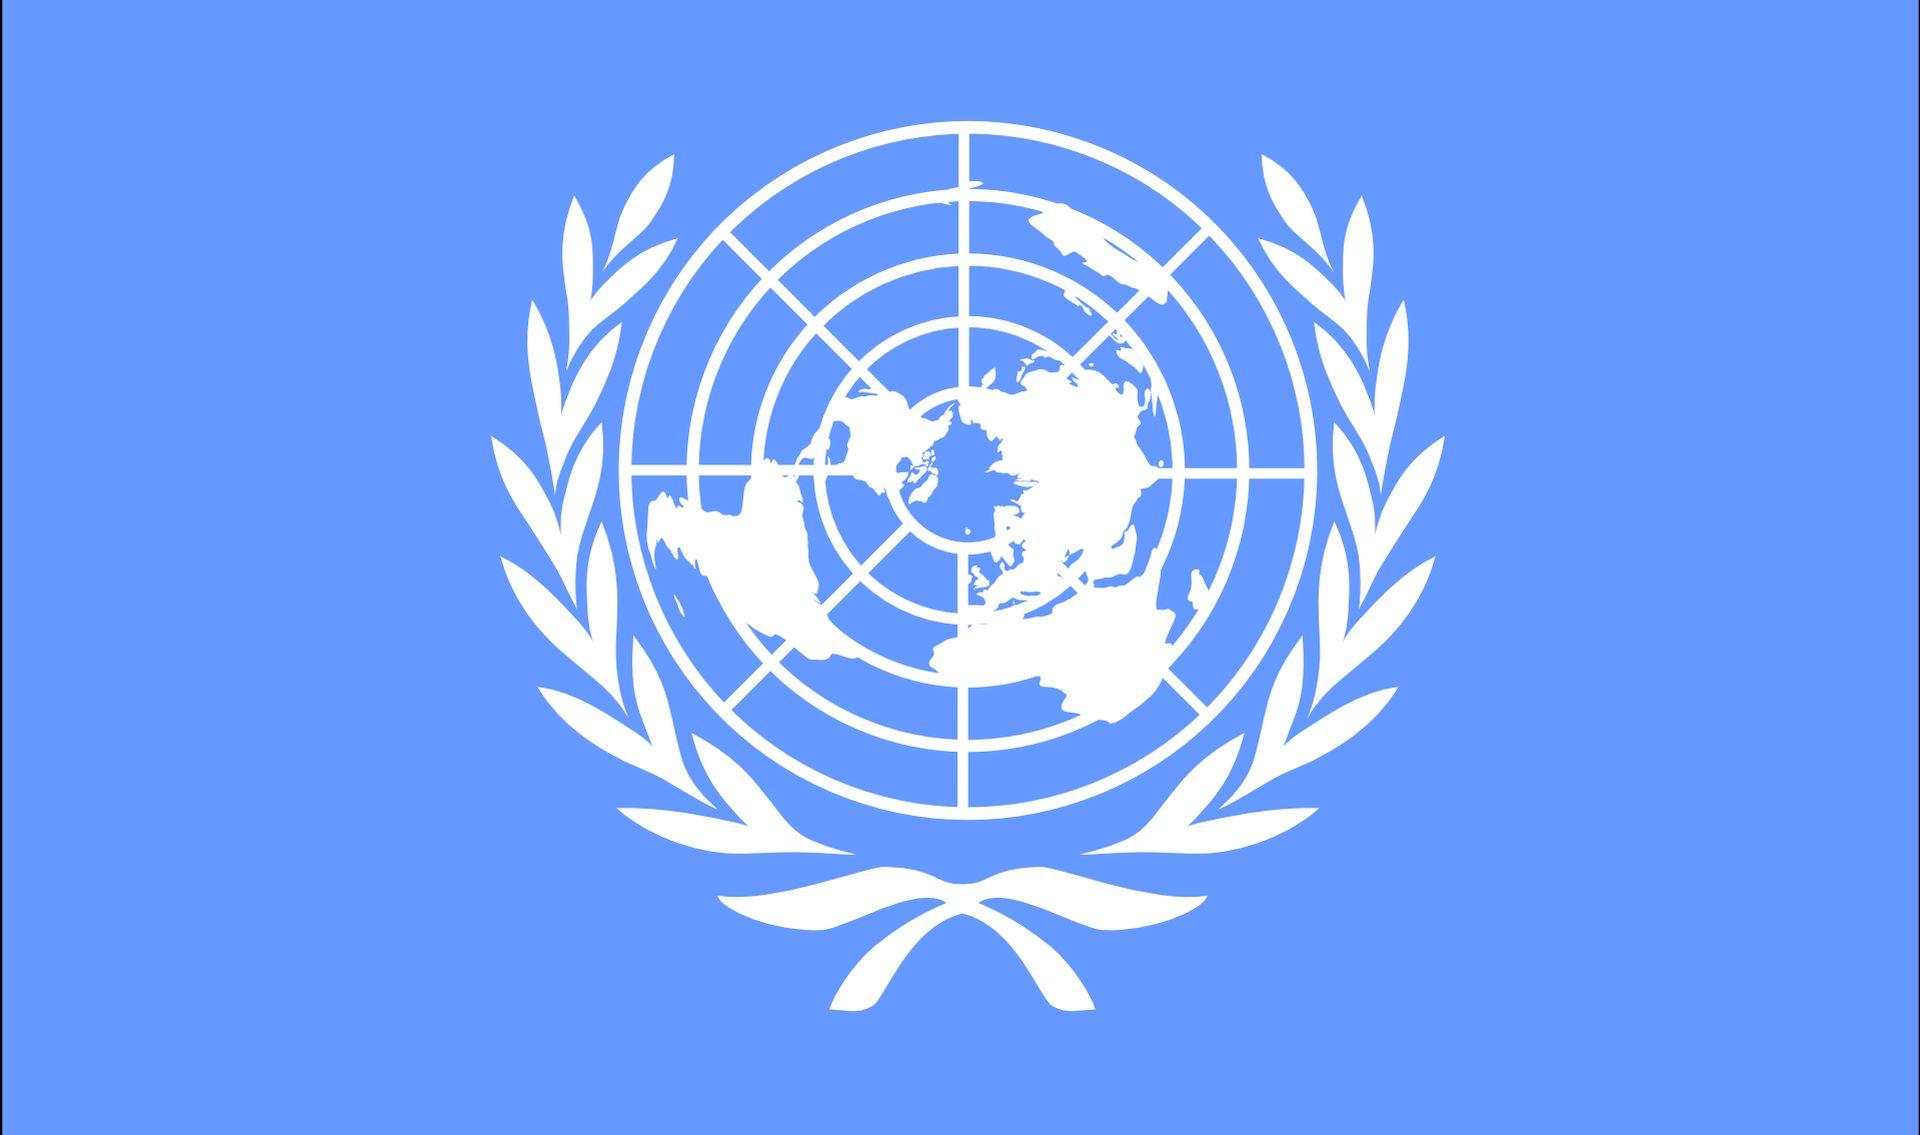 PREKID GRAĐANSKOG RATA: Mirovni pregovori o Siriji 25. siječnja u Ženevi